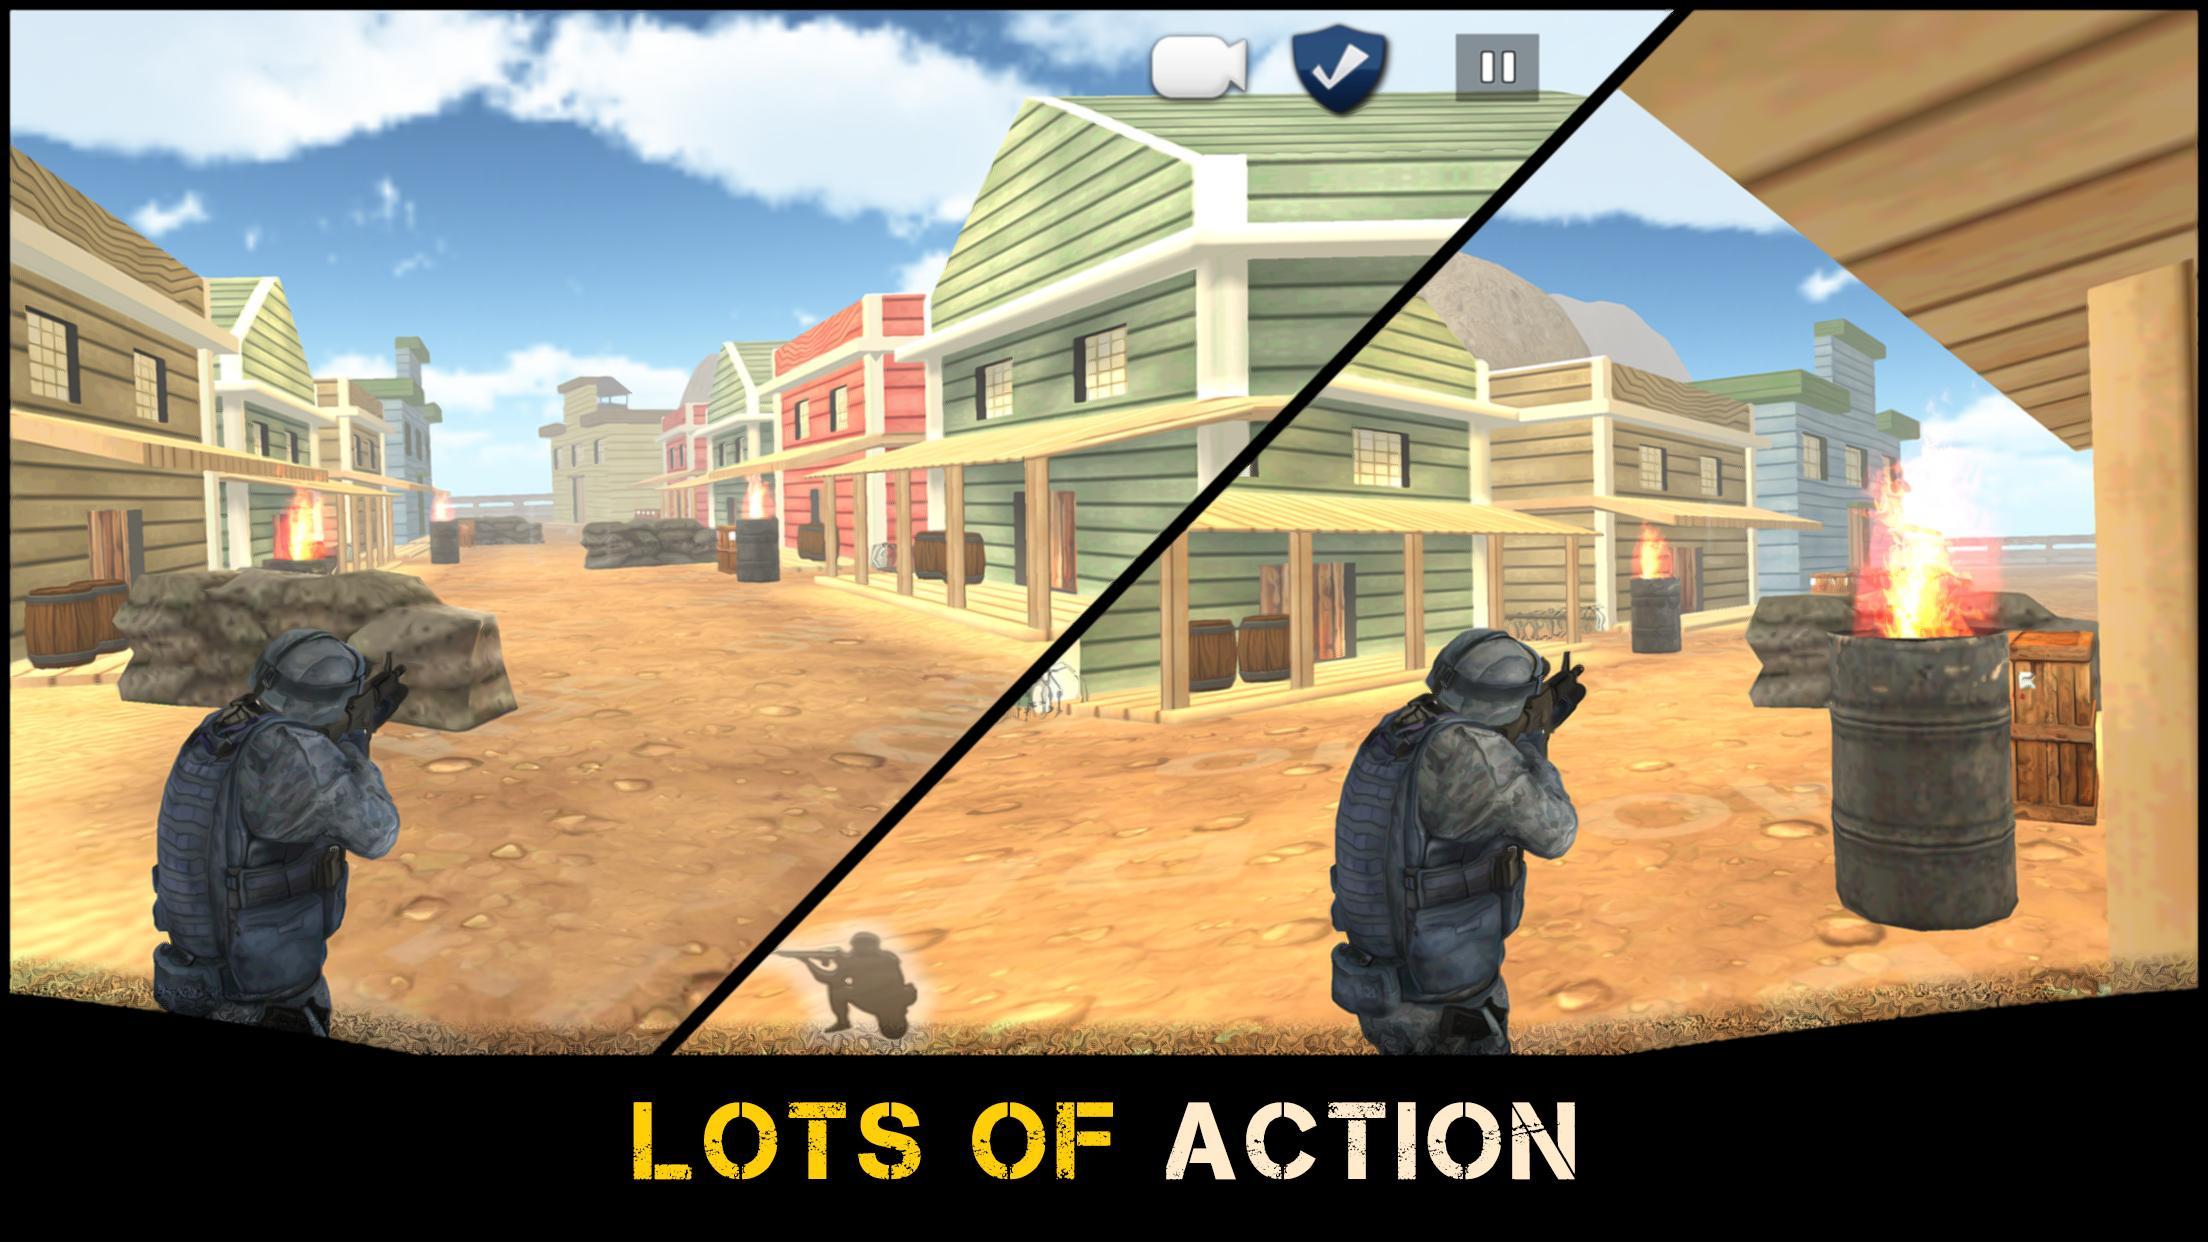 Guerre De Commando 3D 2019 Tir Tps Gratuit Pour Android à Jeux Tps Gratuit